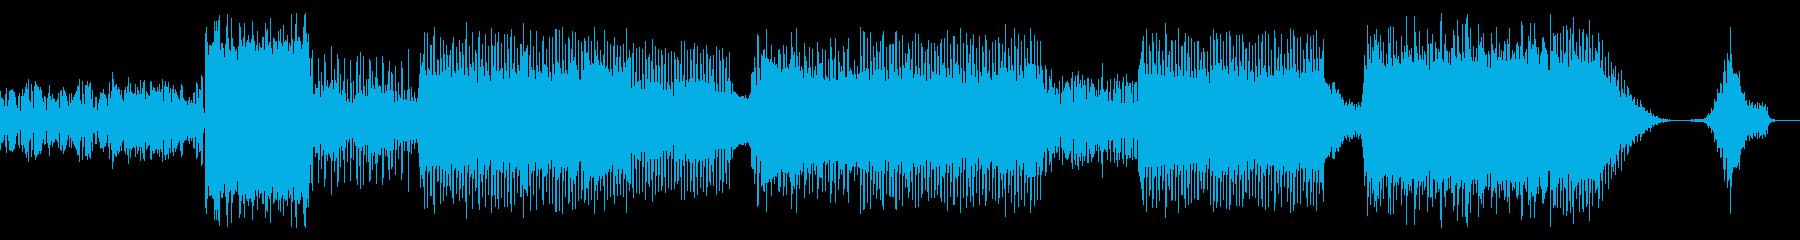 シンセサウンドゆらゆらポップスBGMの再生済みの波形